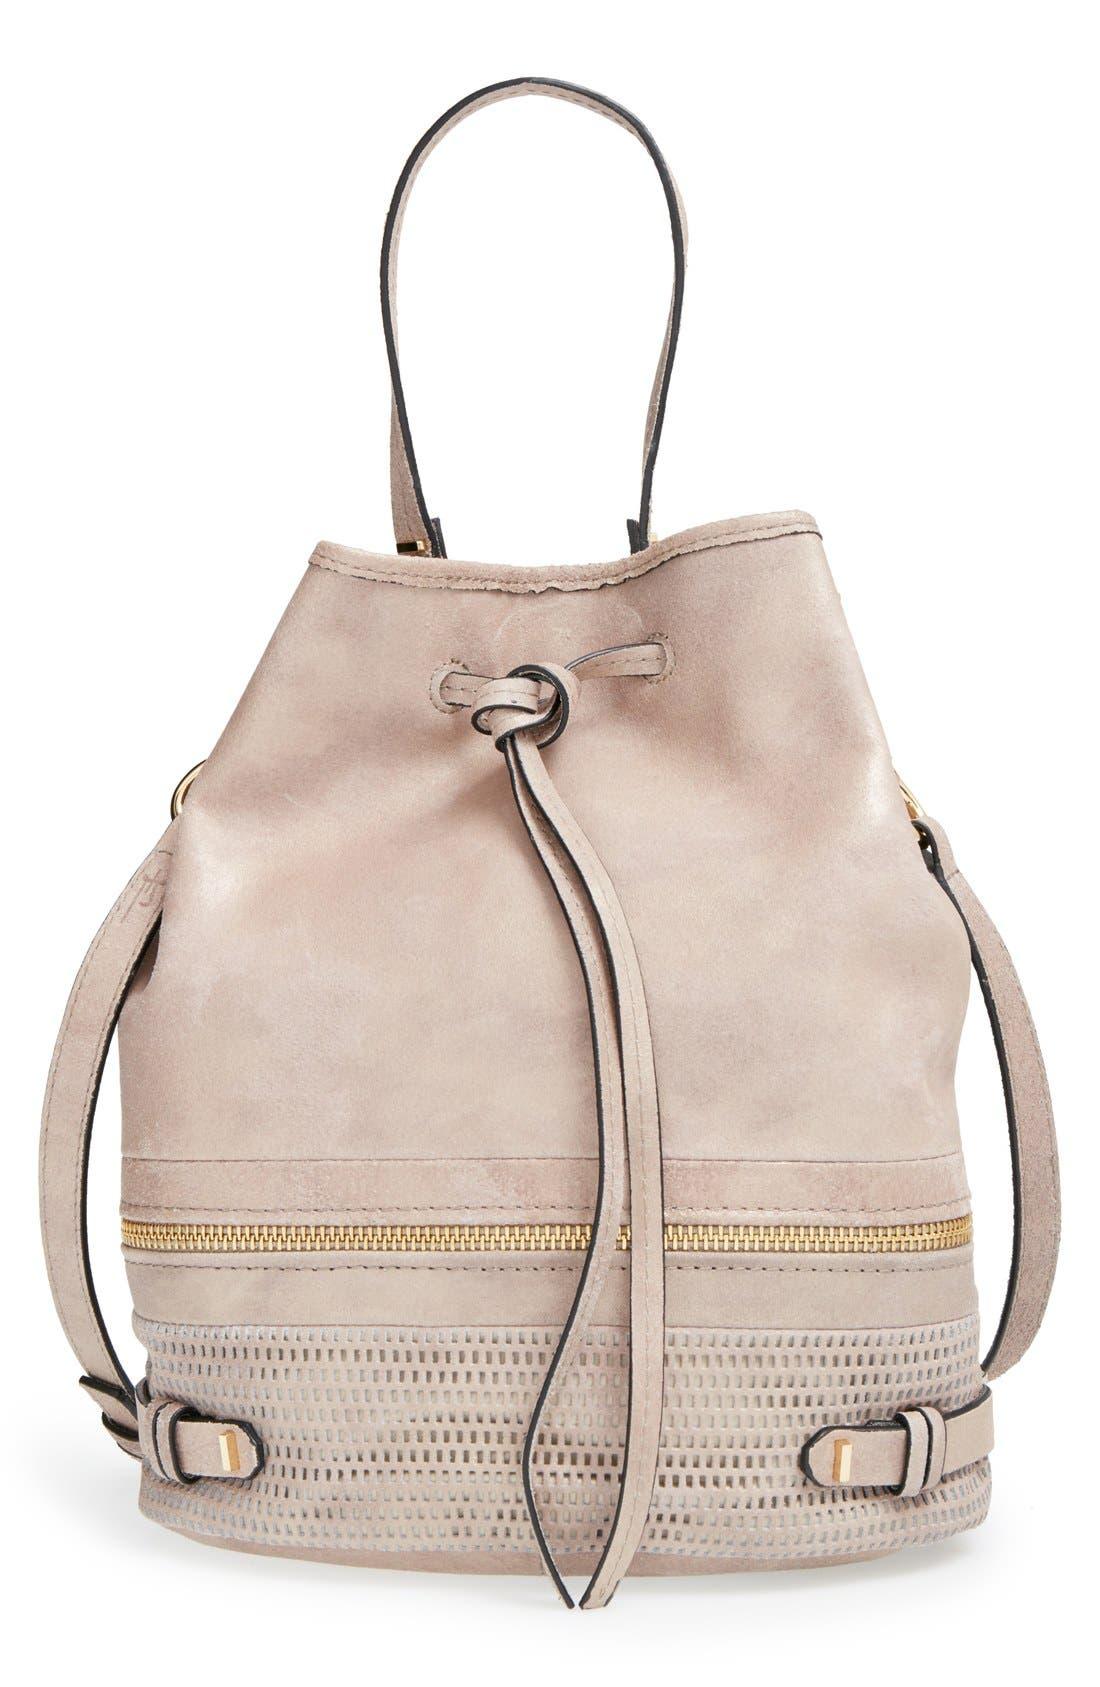 Main Image - She + Lo 'Silver Lining' Drawstring Shoulder Bag